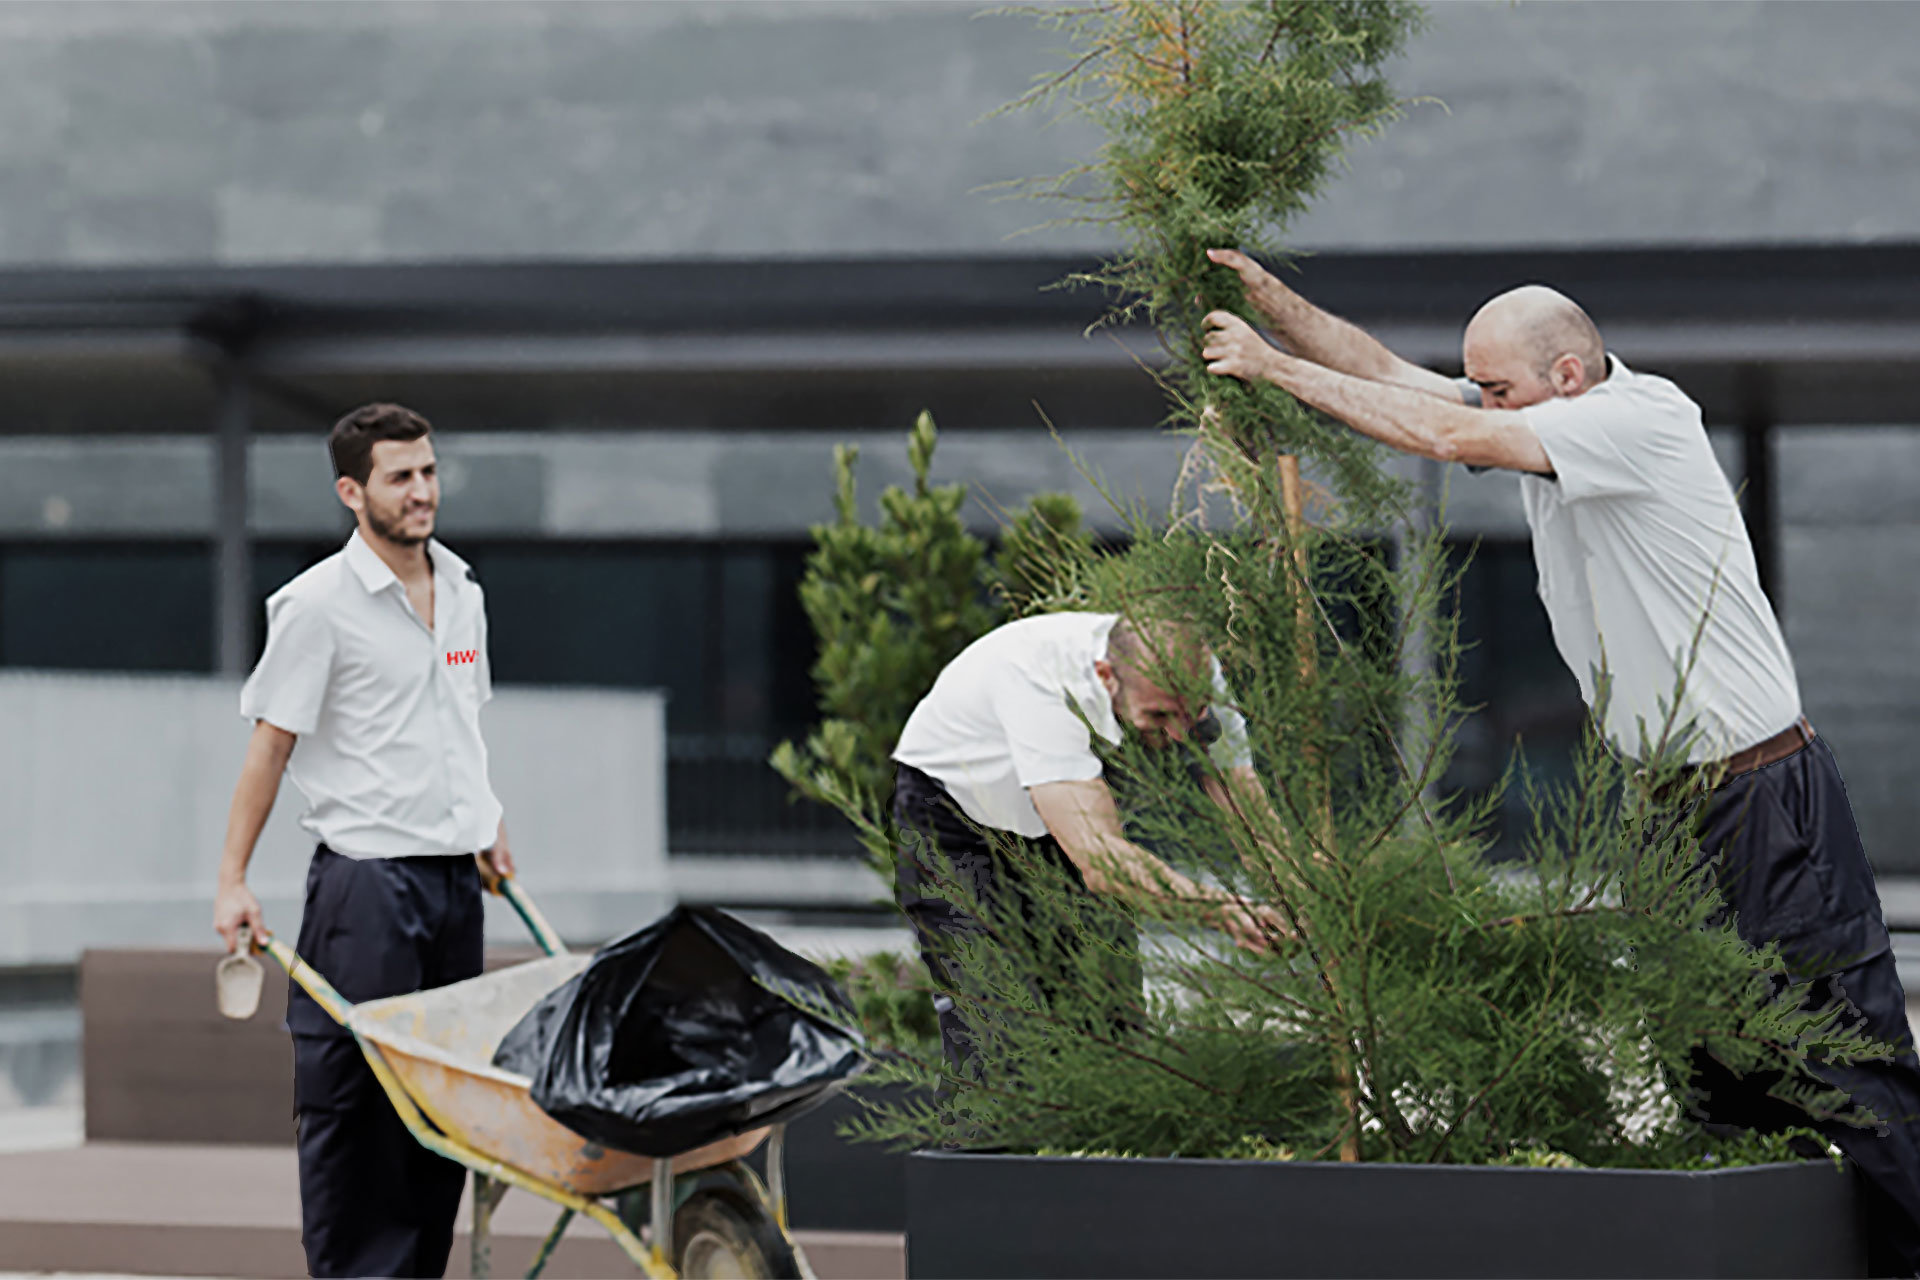 Gartenpflege mit grünen Daumen